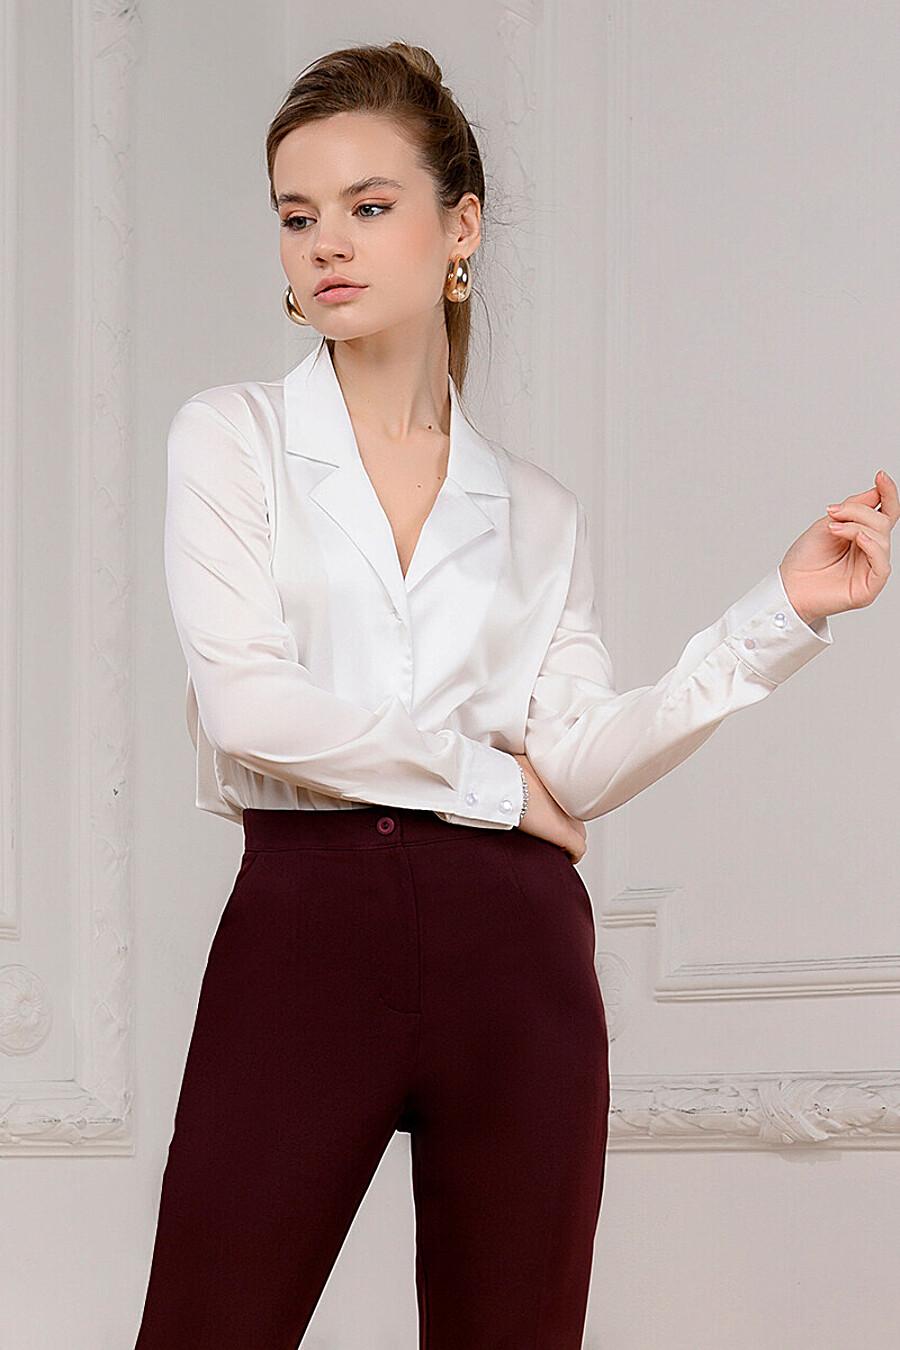 Брюки для женщин 1001 DRESS 707398 купить оптом от производителя. Совместная покупка женской одежды в OptMoyo